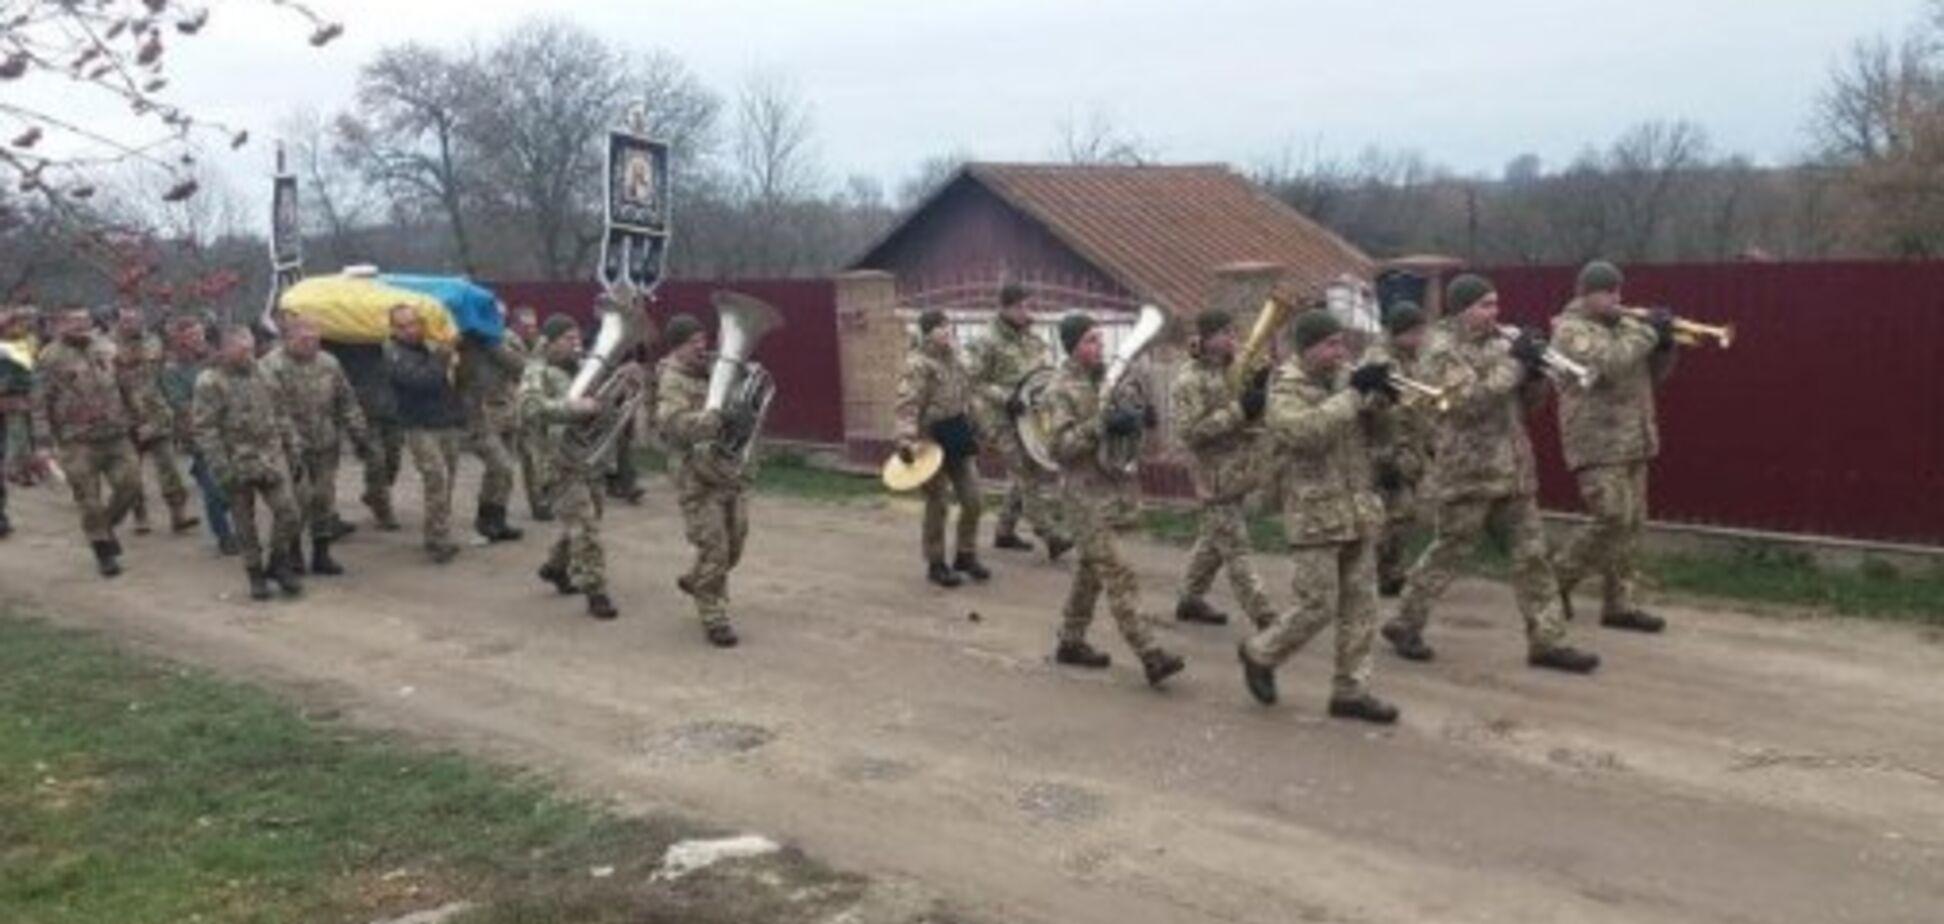 Викололи очі: з'явилися моторошні деталі вбивства українського воїна в Дніпрі